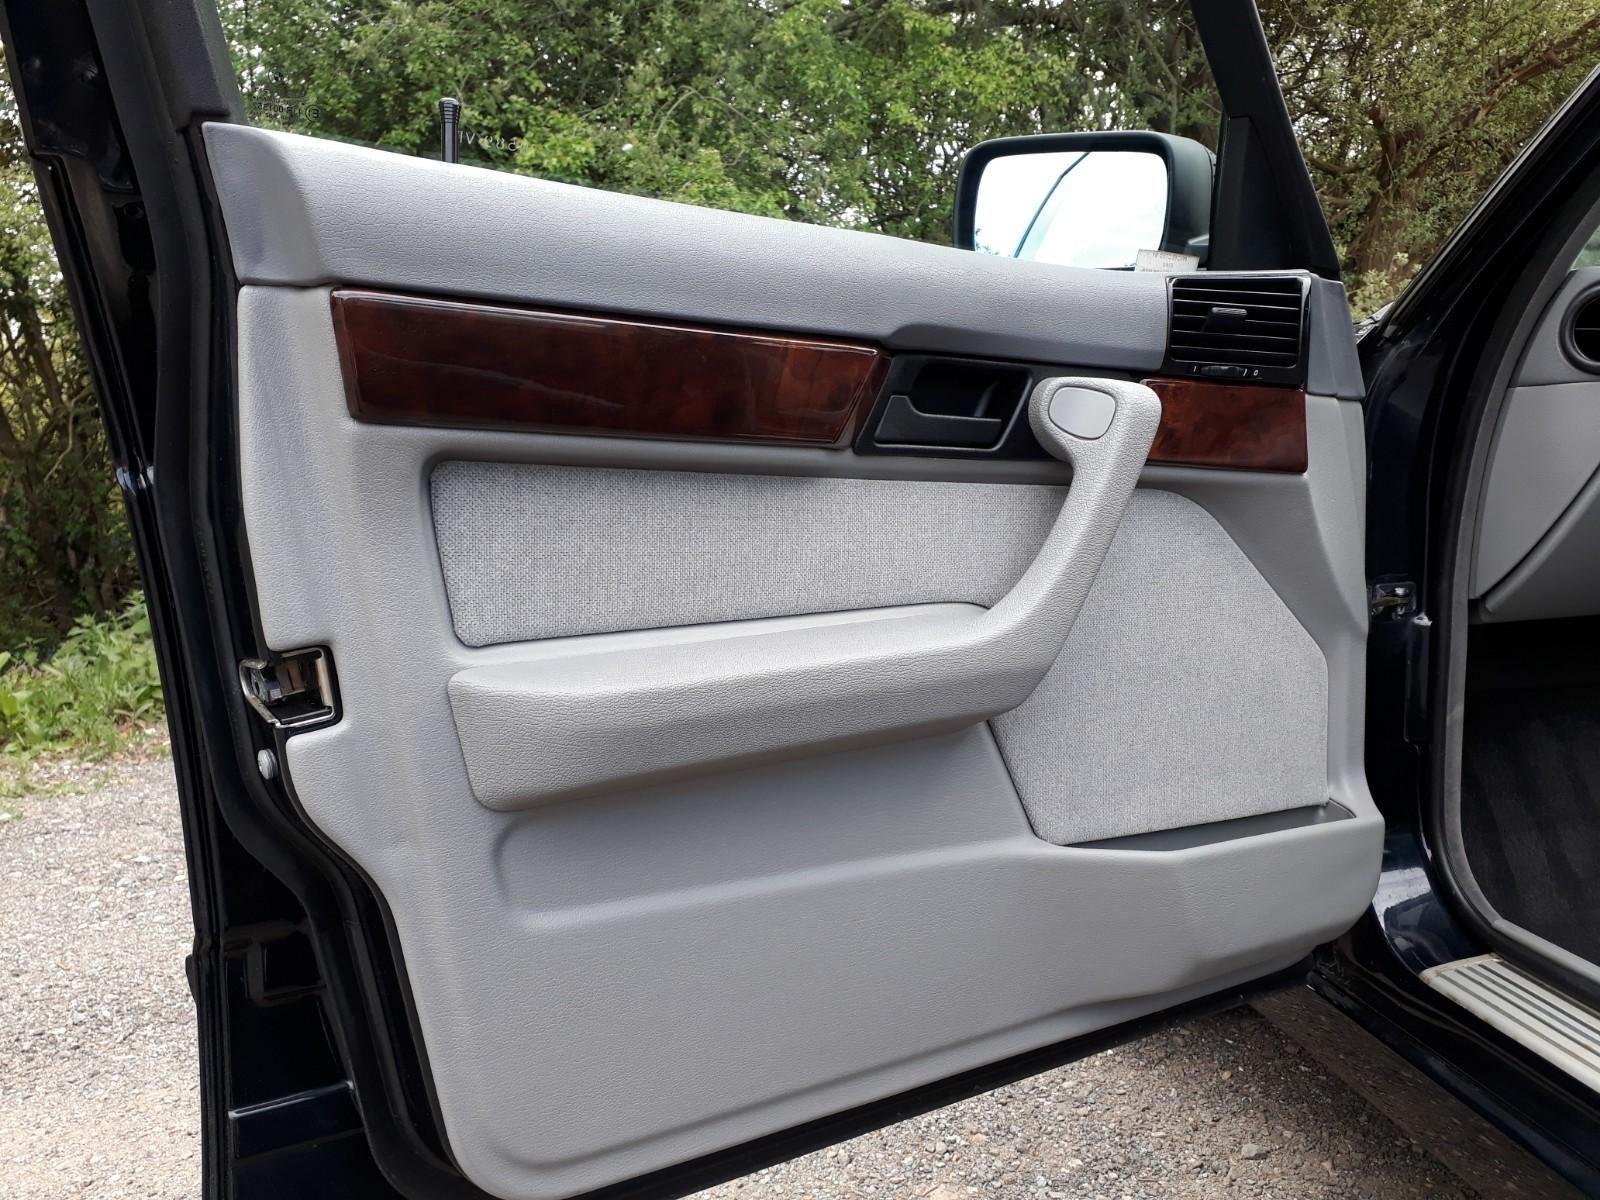 BMW 520i SE 24V  £5,495